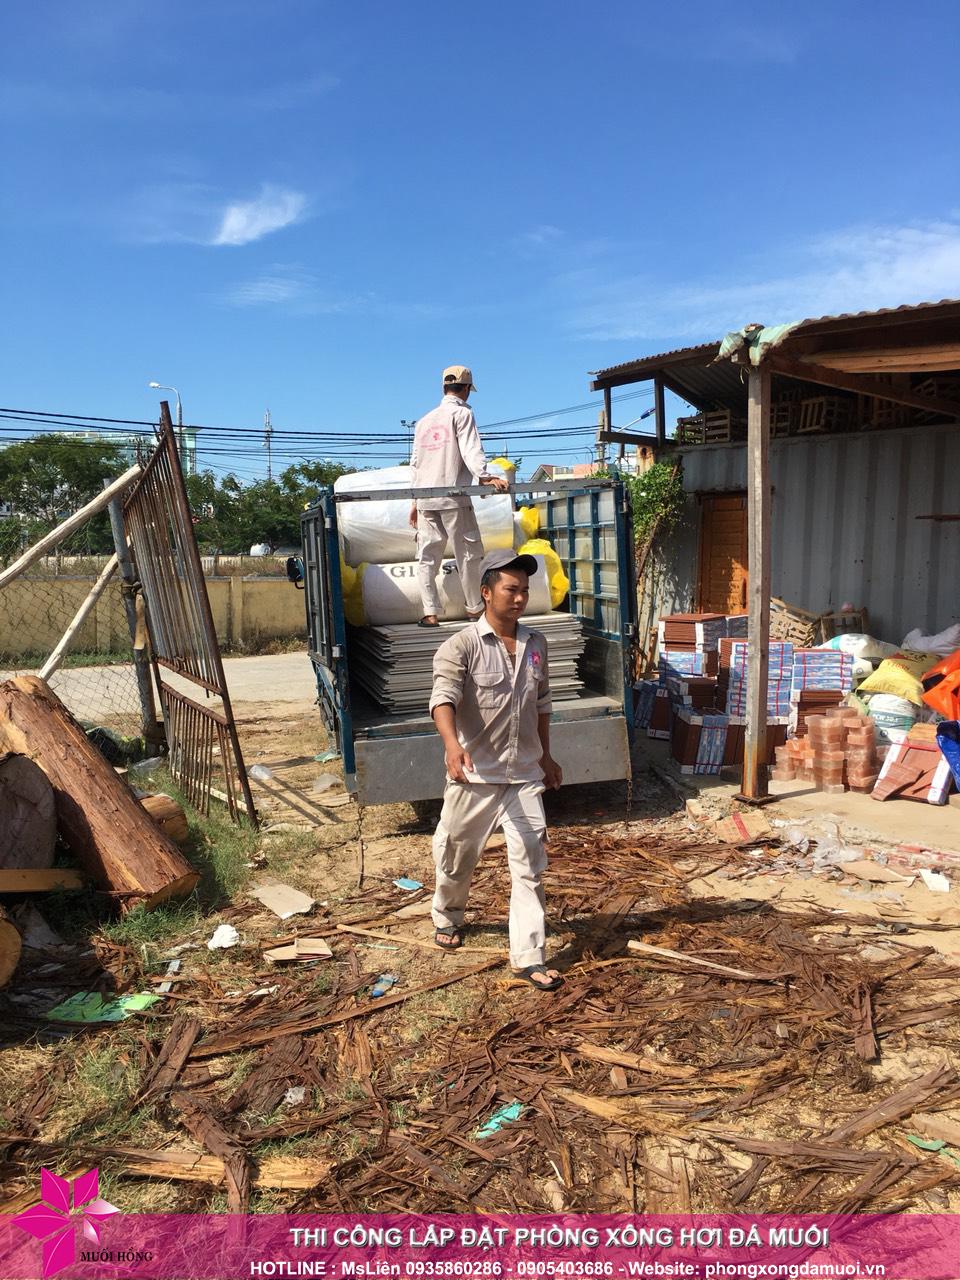 Đợt hàng thứ nhất của dự án jjimjilbang hội an đã nhập kho công trình 3